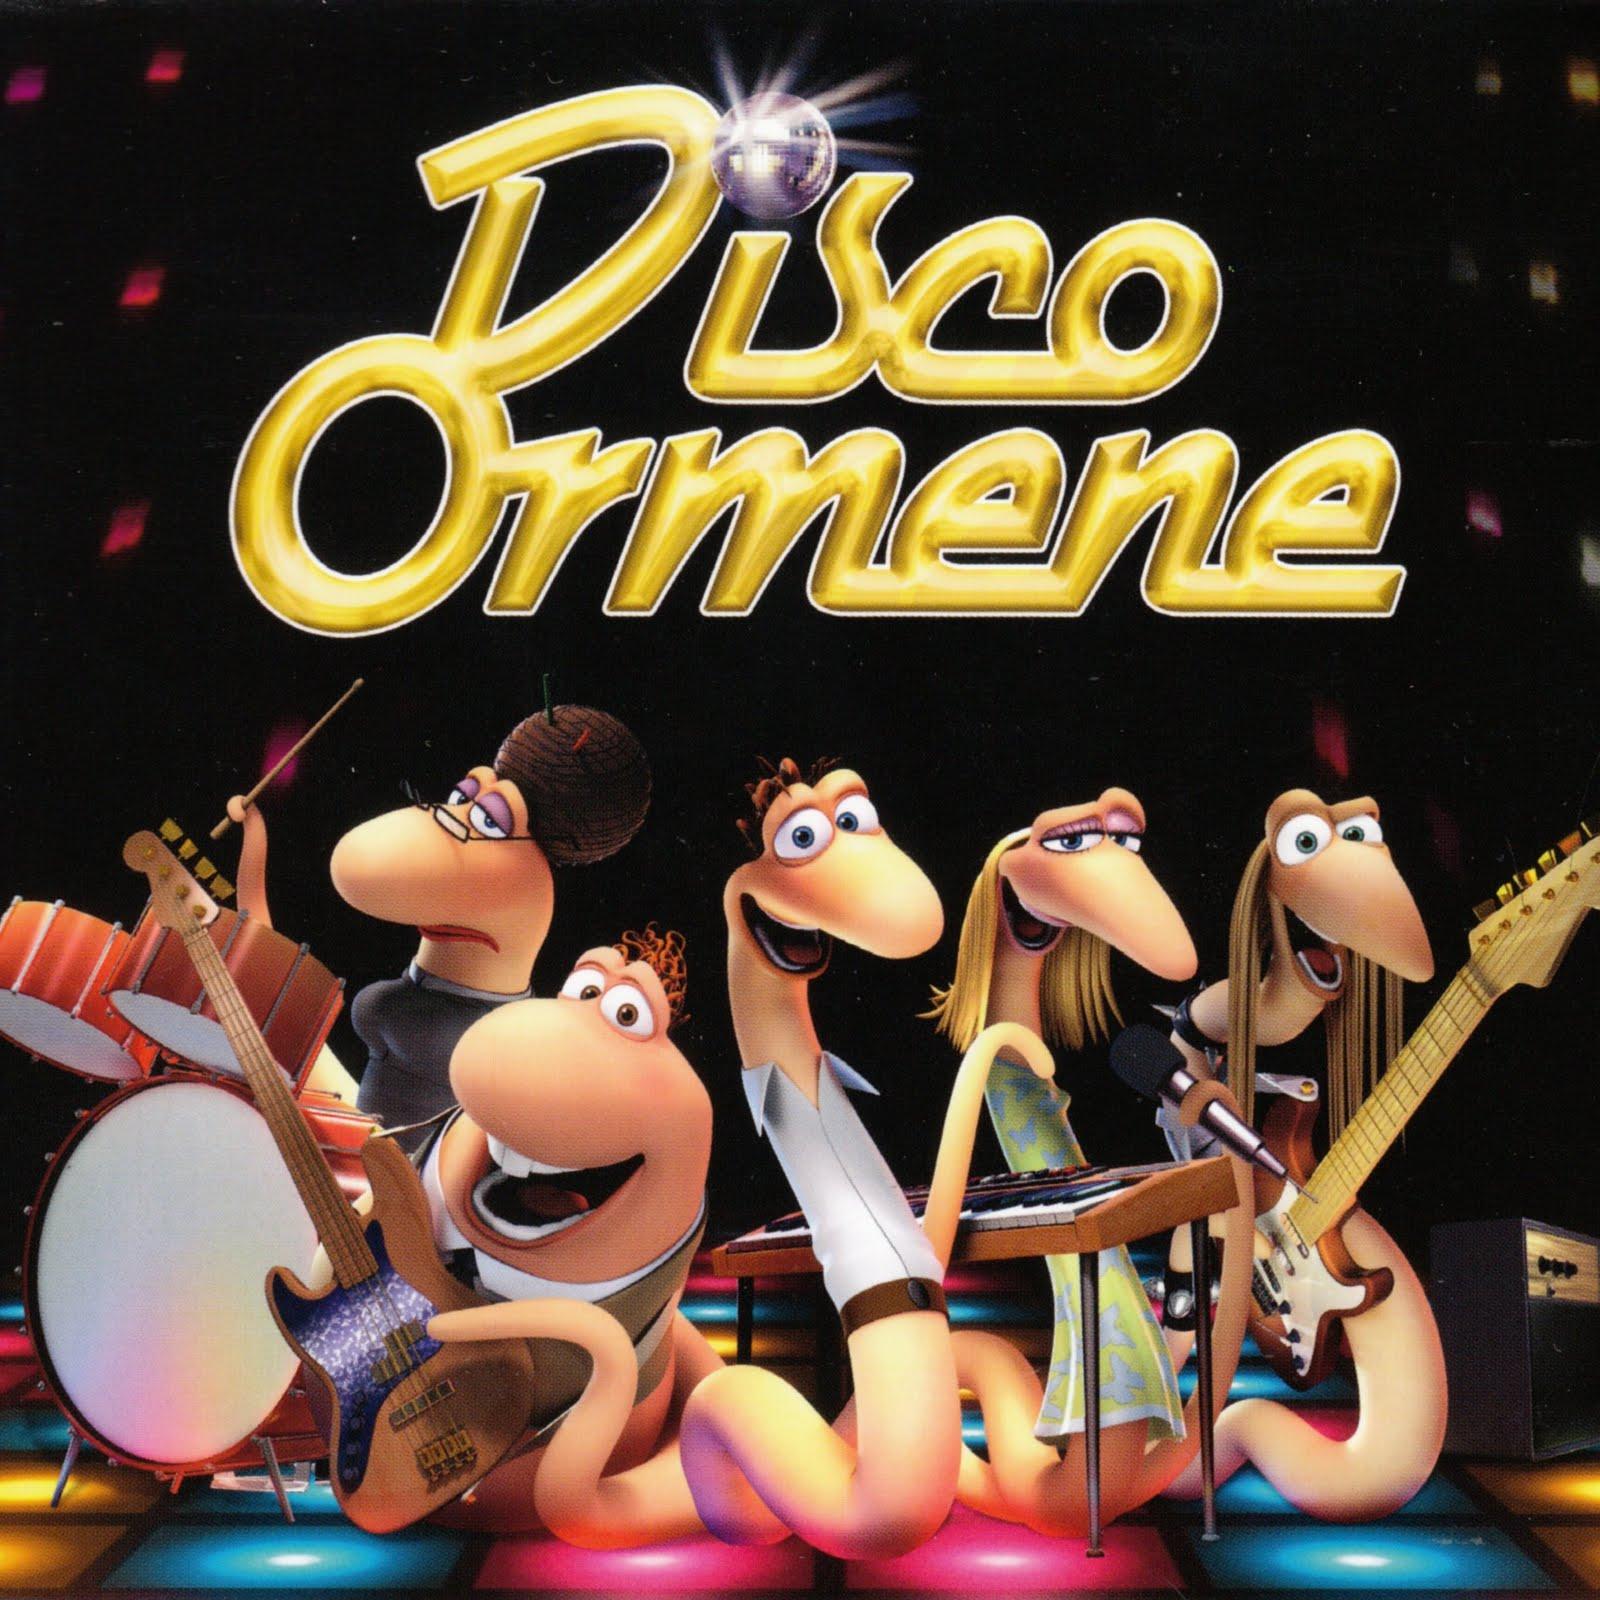 Baixar CD Barry e a Banda das Minhocas   Disco Ormene (2008)